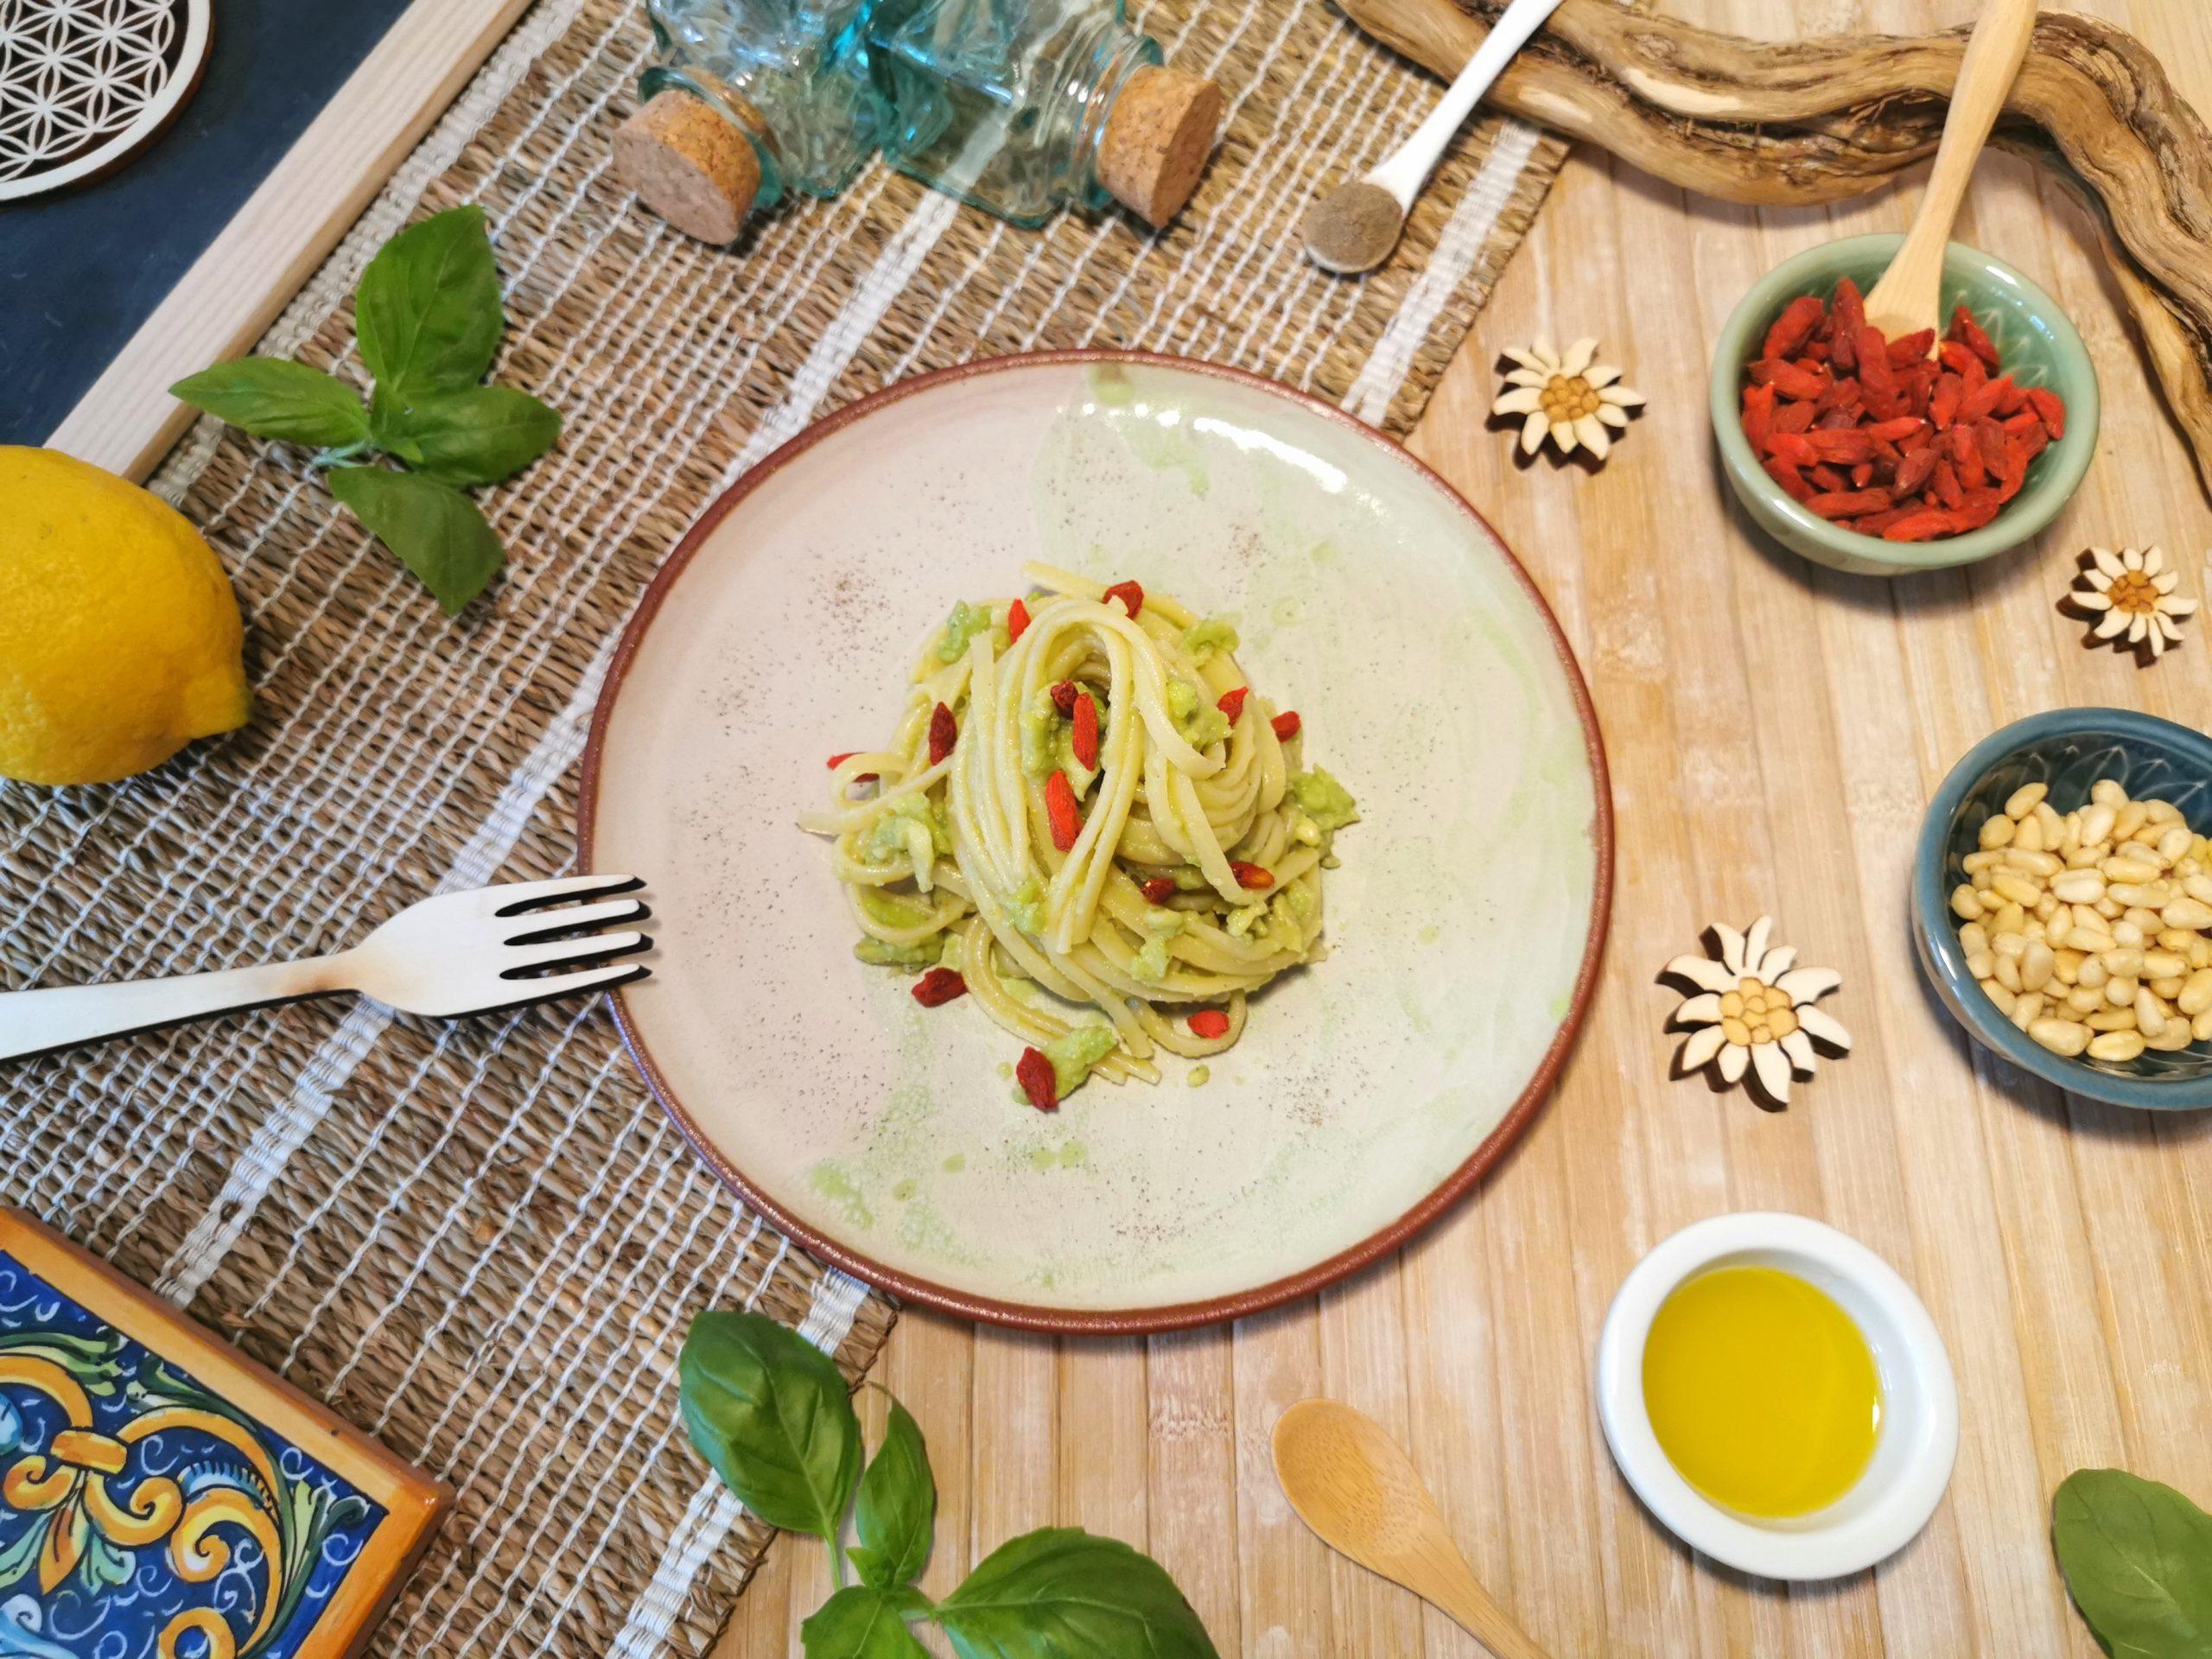 Linguine alla crema di avocado con bacche di goji